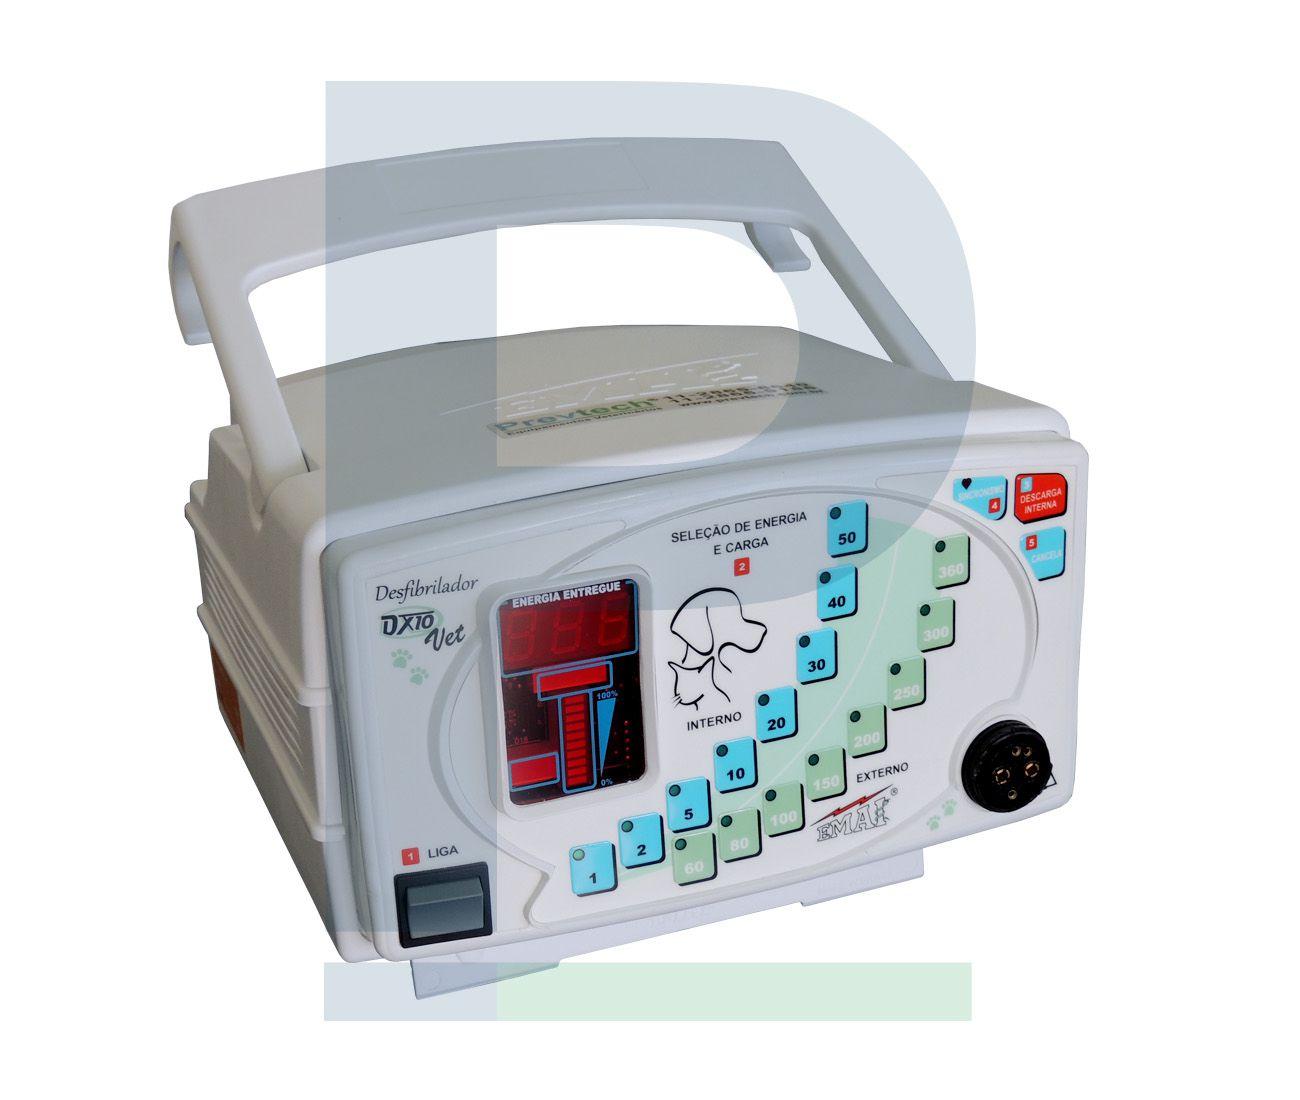 Desfibrilador Veterinário - DX10